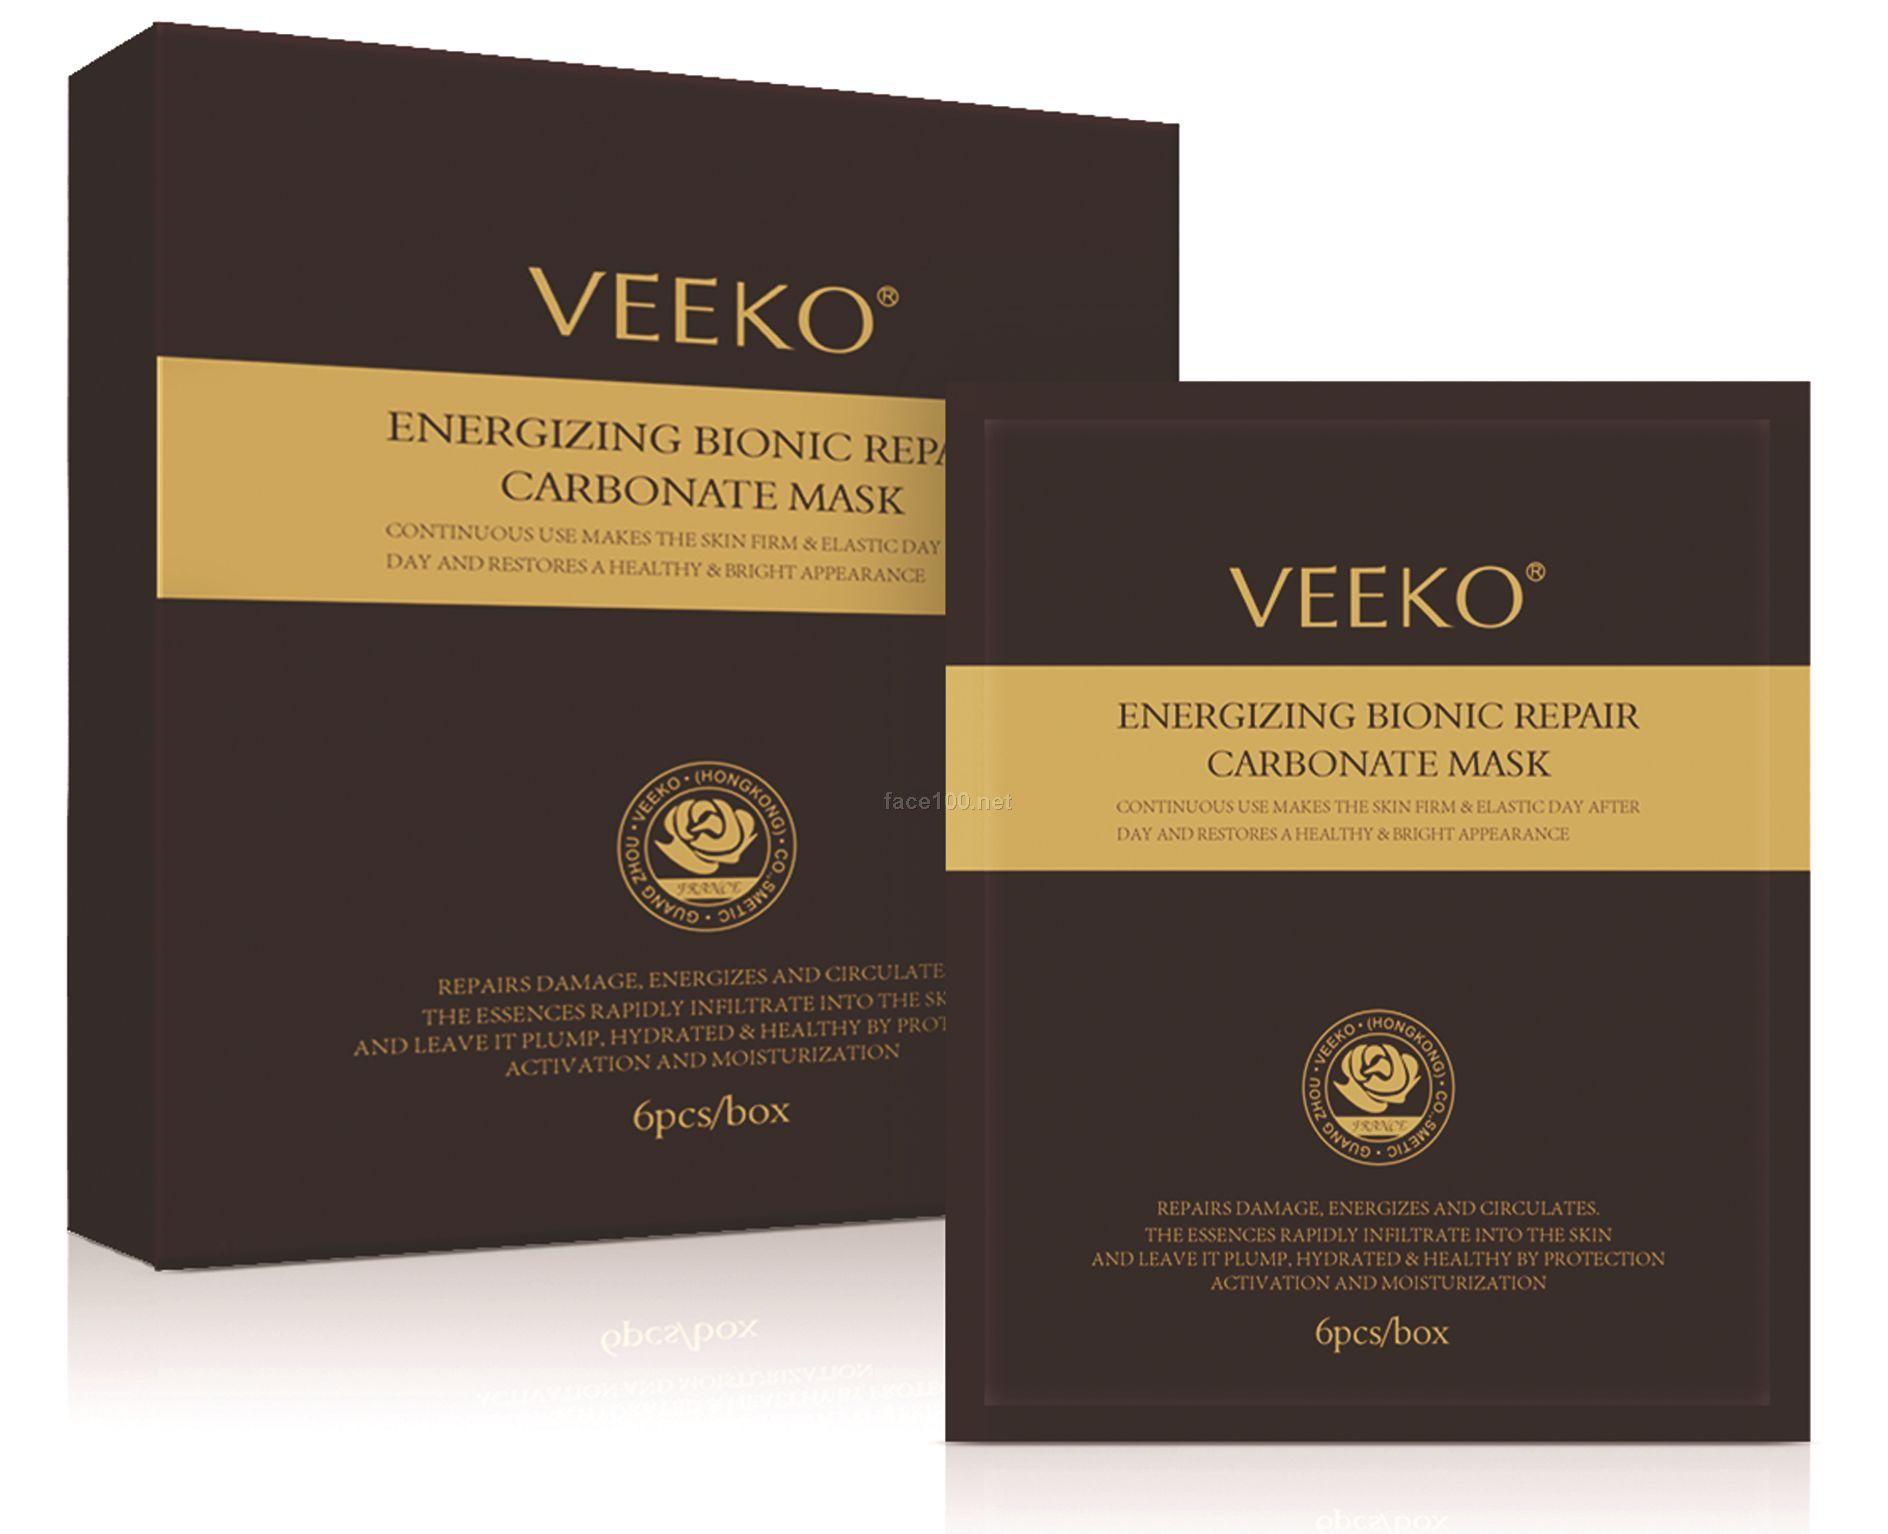 薇蔻活能仿生修护碳酸面膜直销批发代理销售